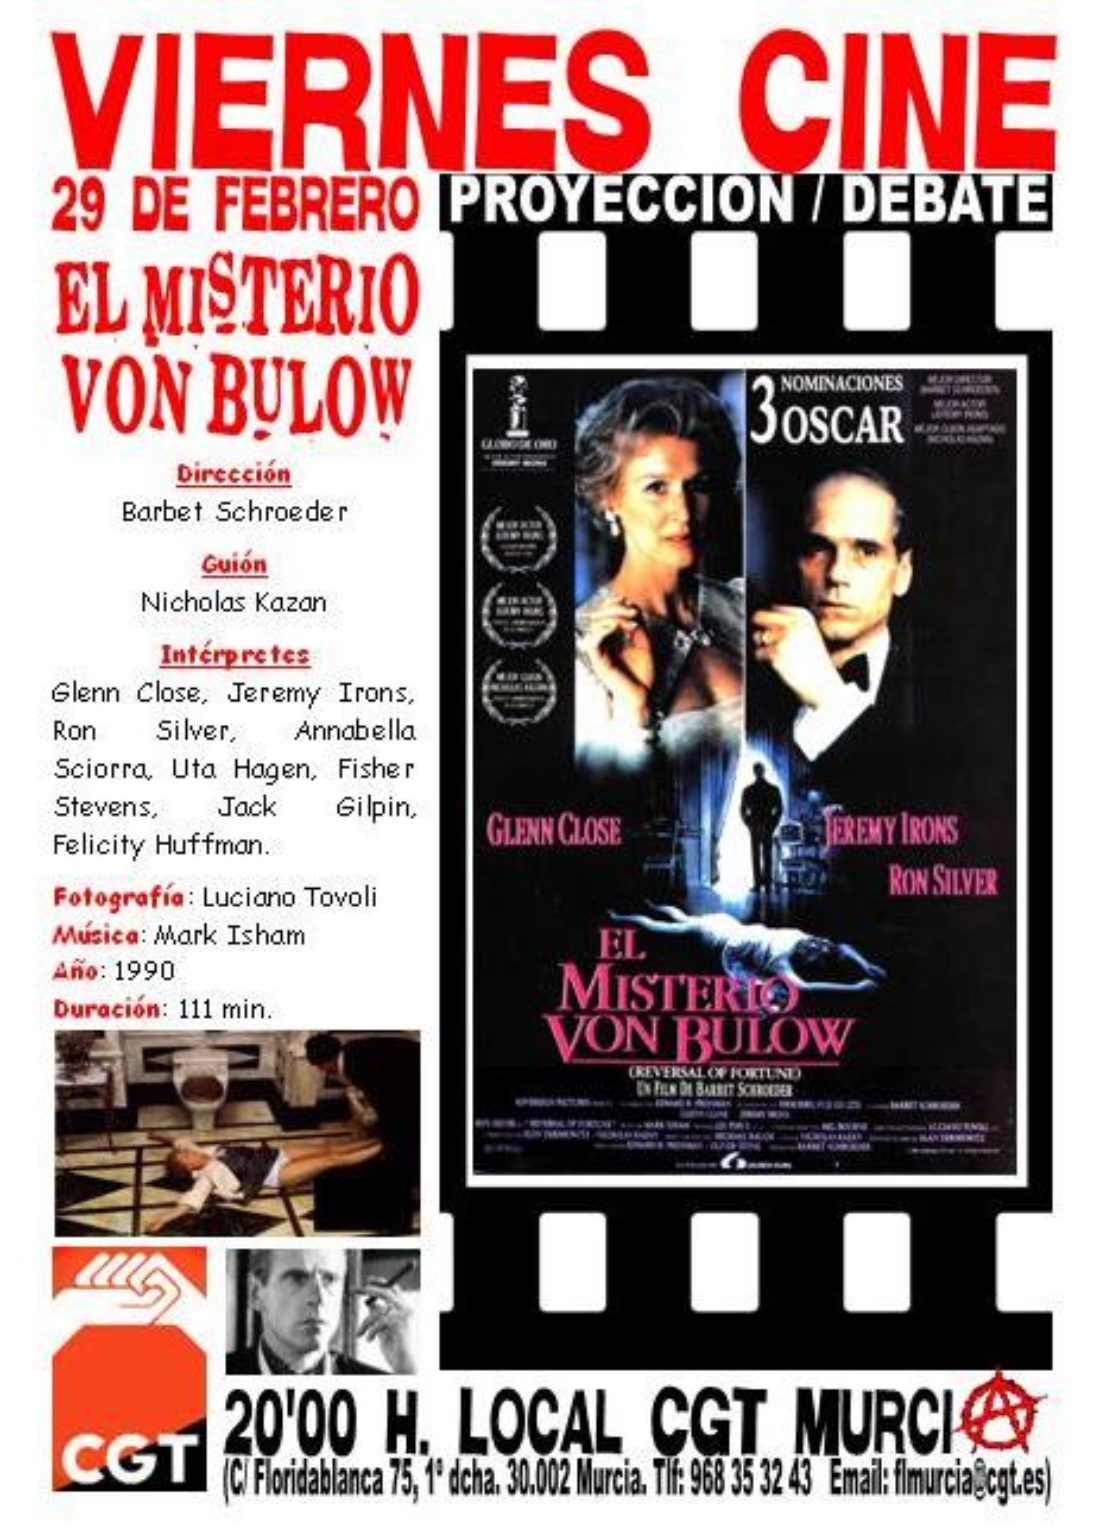 Murcia. Viernes Cine